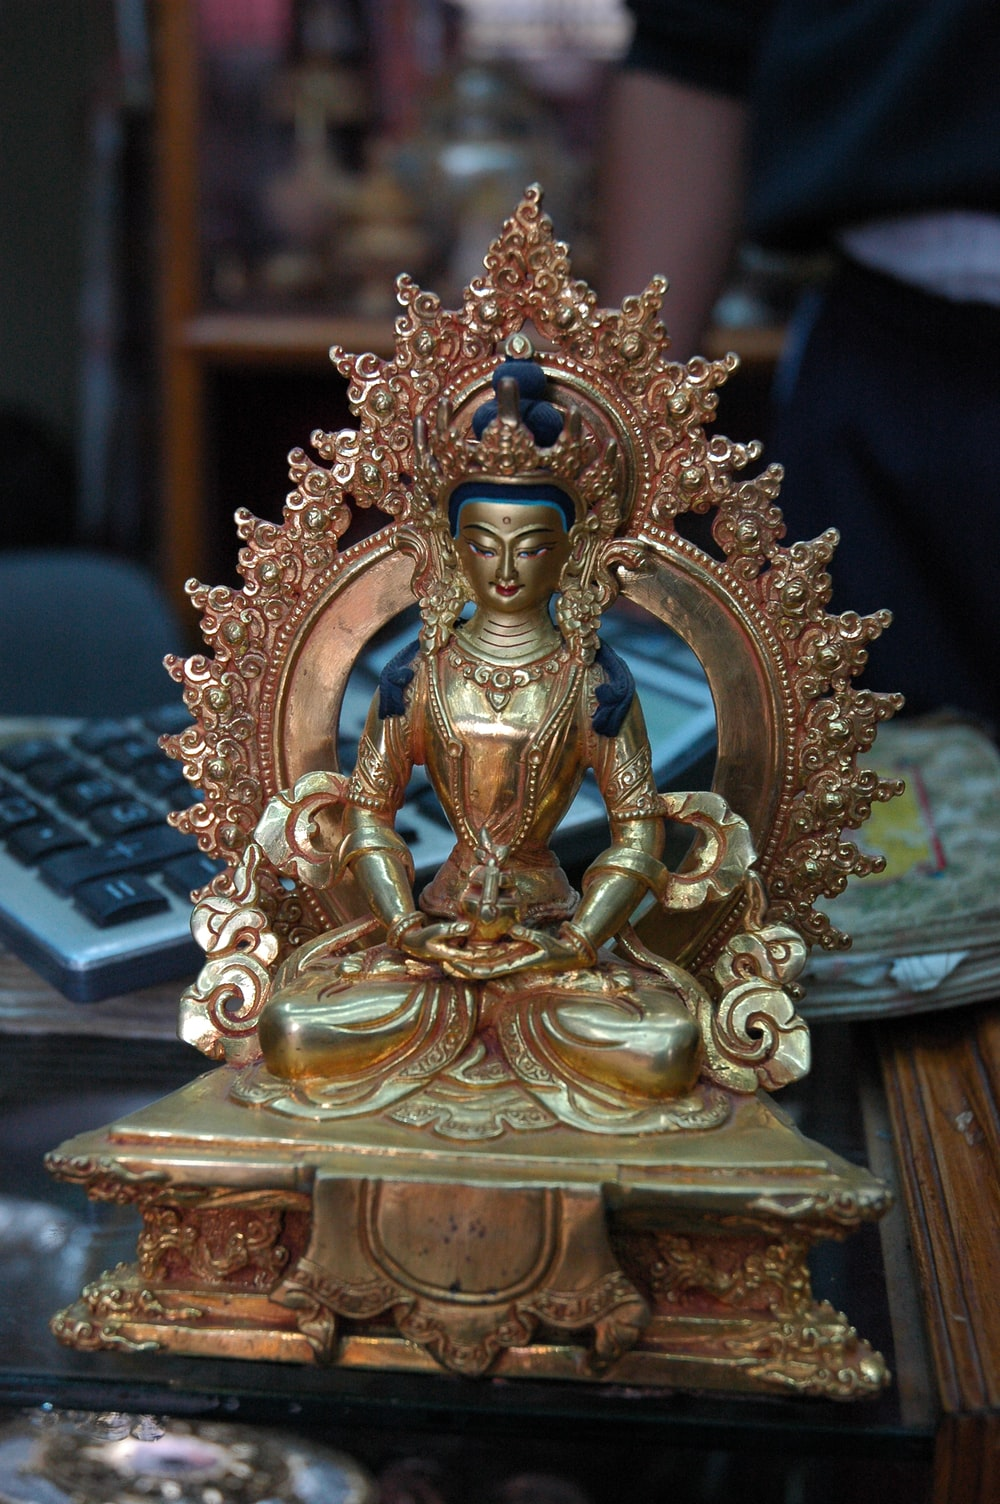 gold-colored figurine